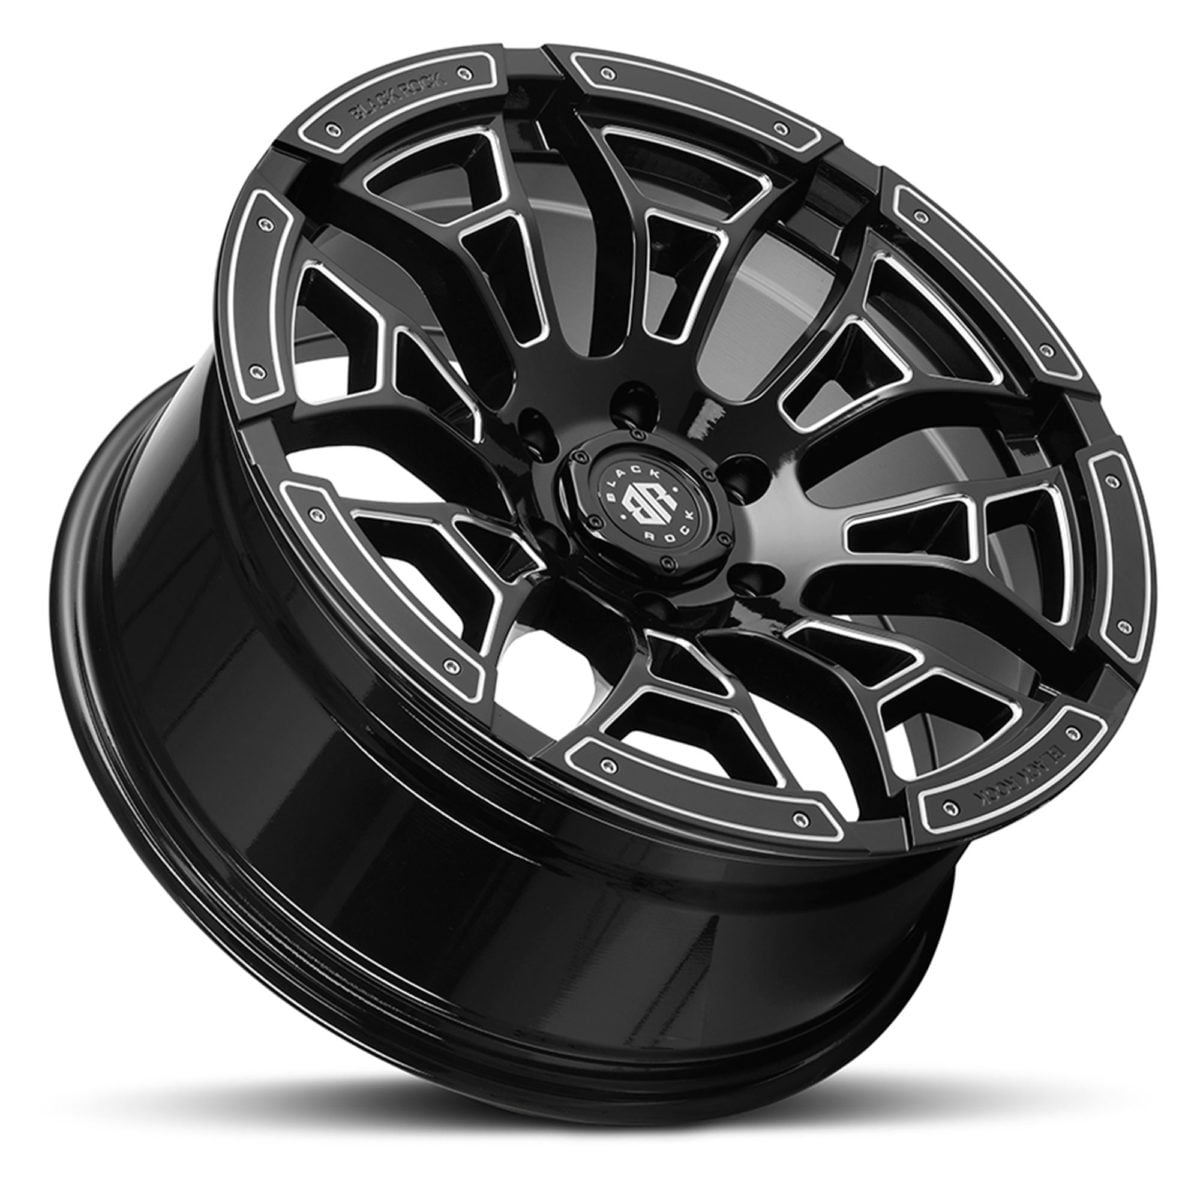 Black Rock Widow Gloss Black Milled Wheel 4x4 Rim for 6 stud trucks